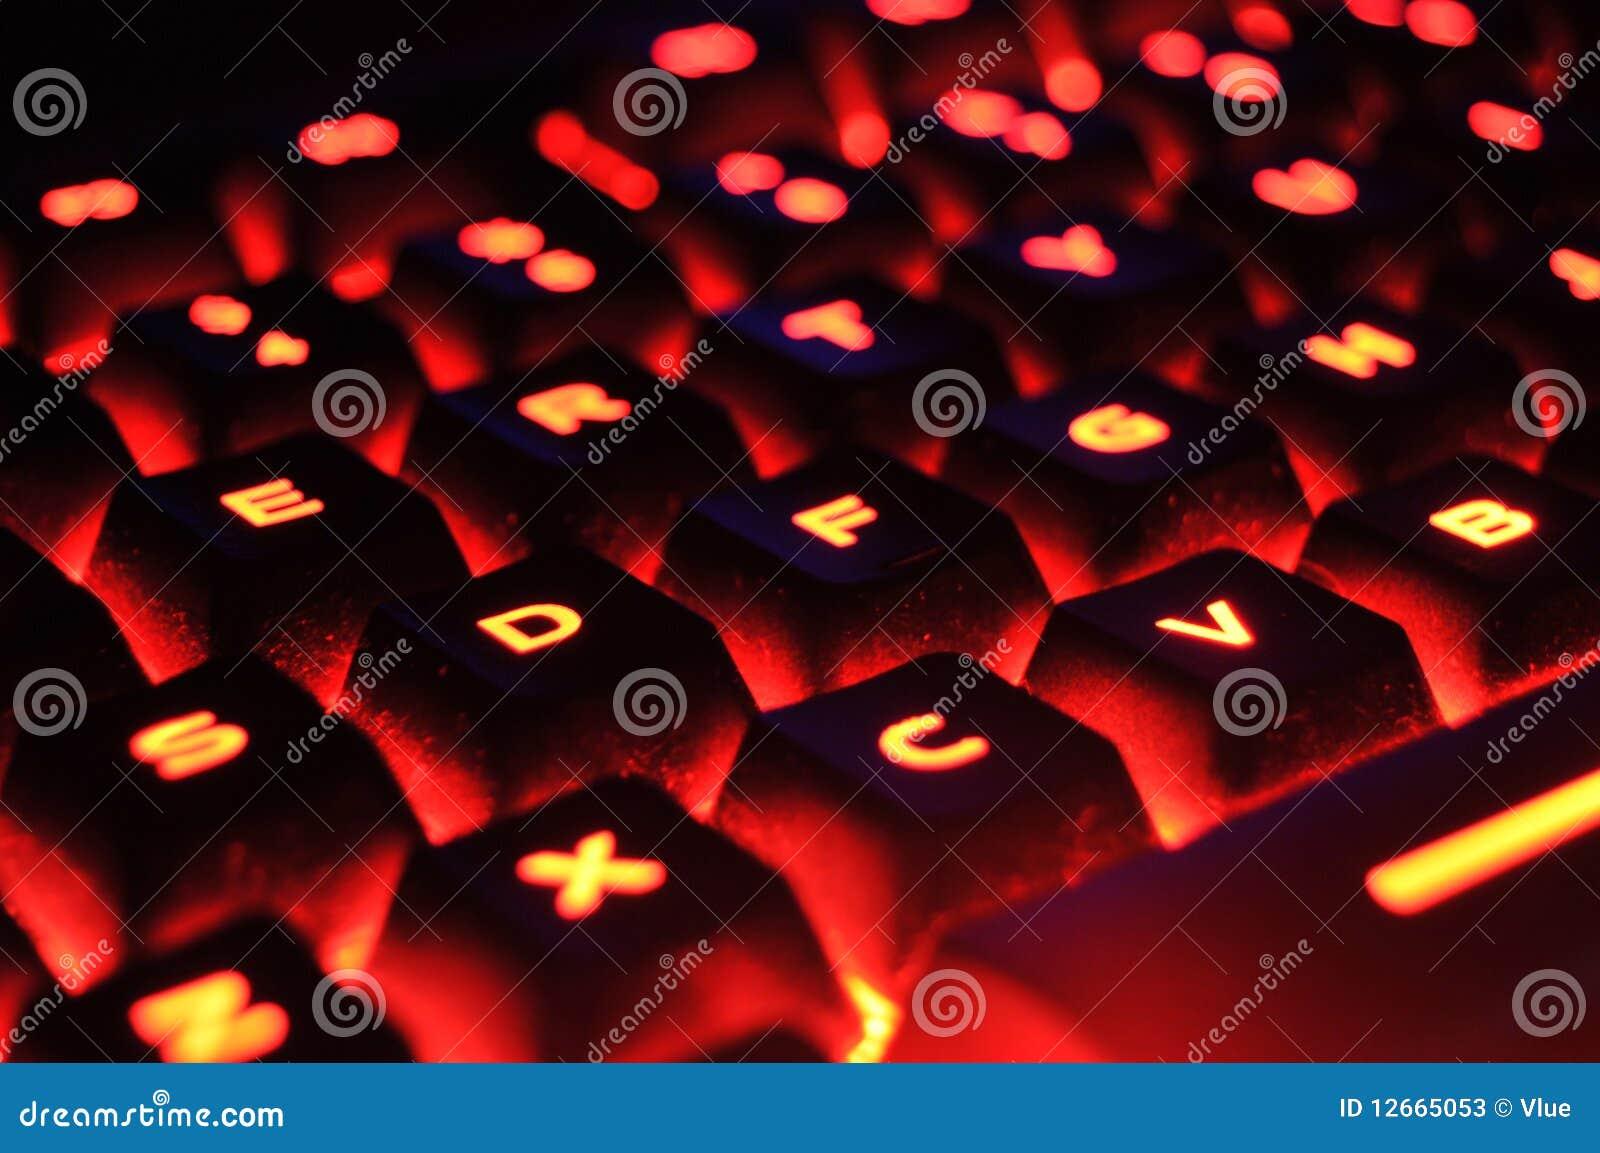 Red Illuminated Keyboard Stock Photos Image 12665053